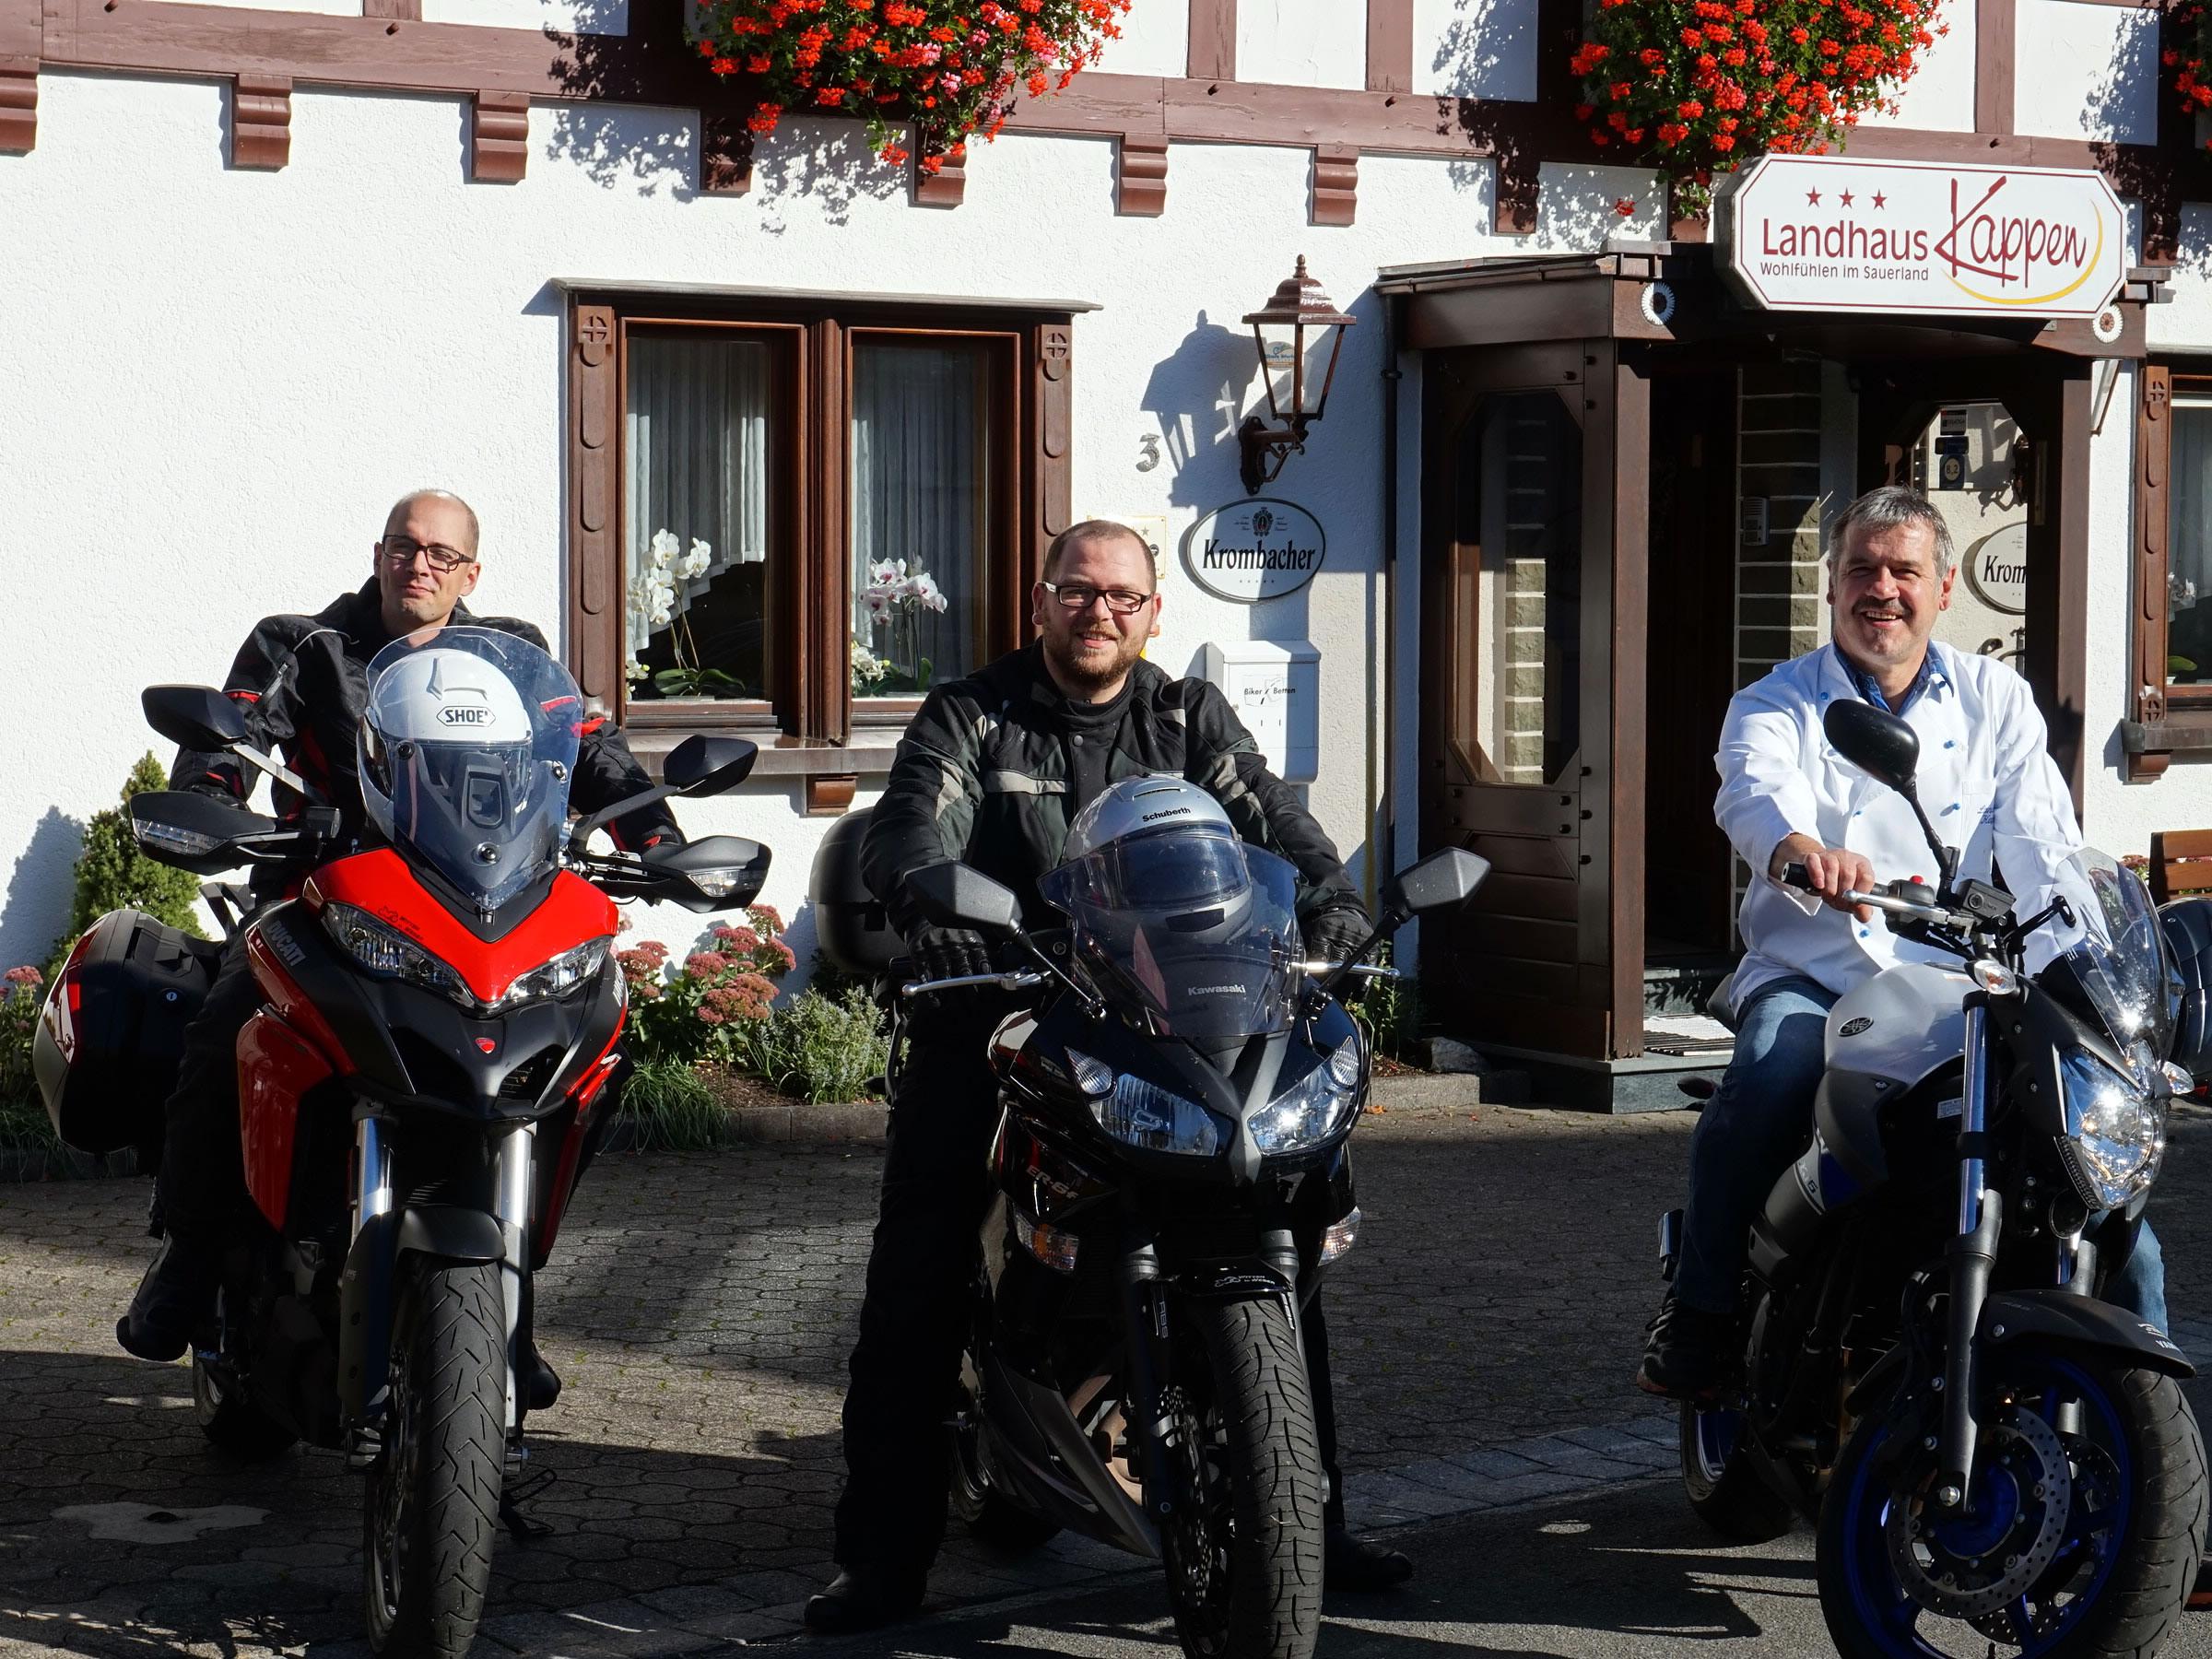 Wir sind selbst leidenschaftliche Motorradfahrer und geben Ihnen gerne Tips zu den schönsten Touren im Sauerland.